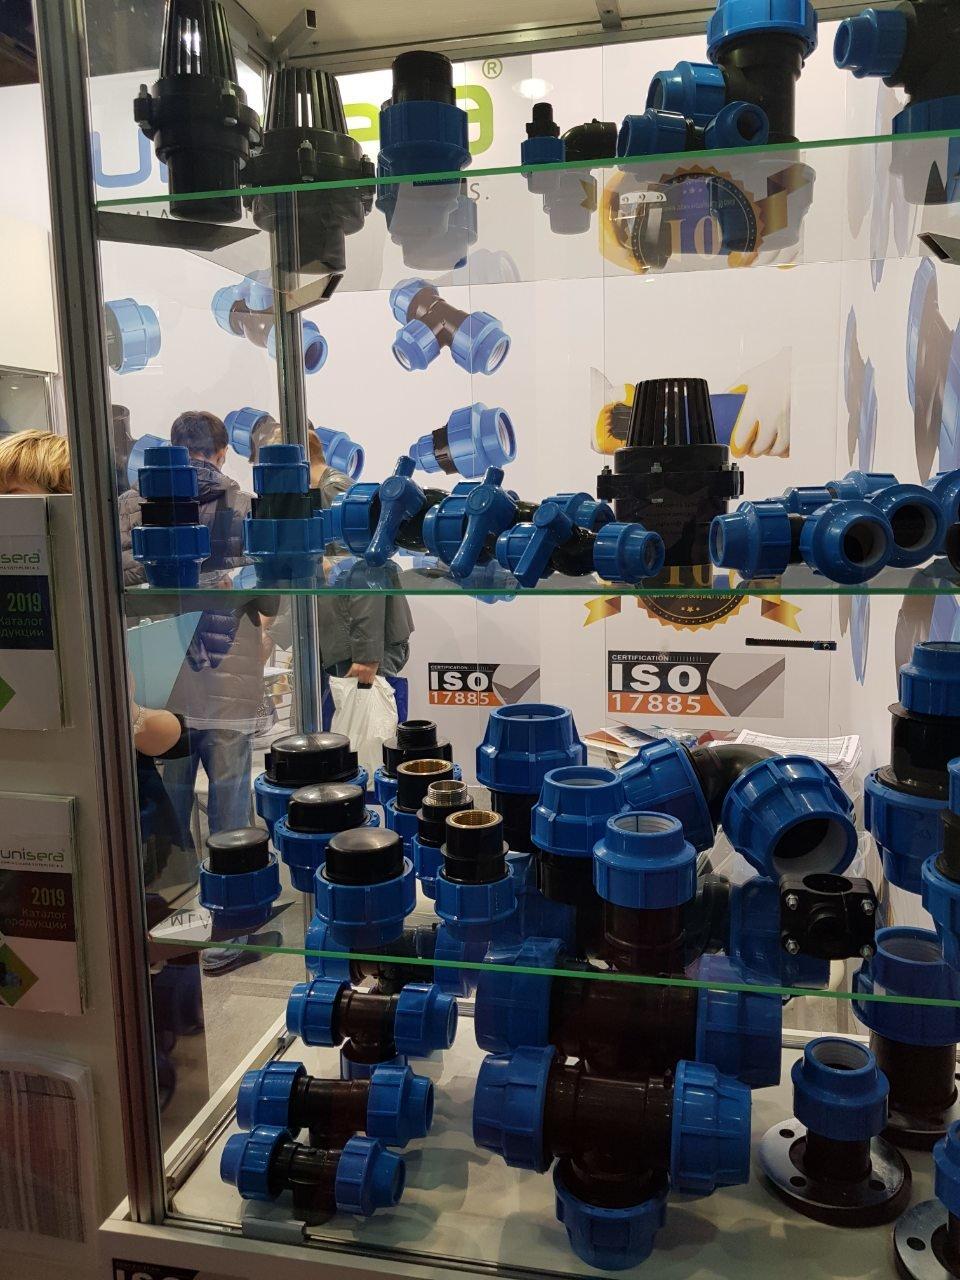 Современные полимерные водопроводные трубы в ассортименте интернет магазина Проком, фото-1